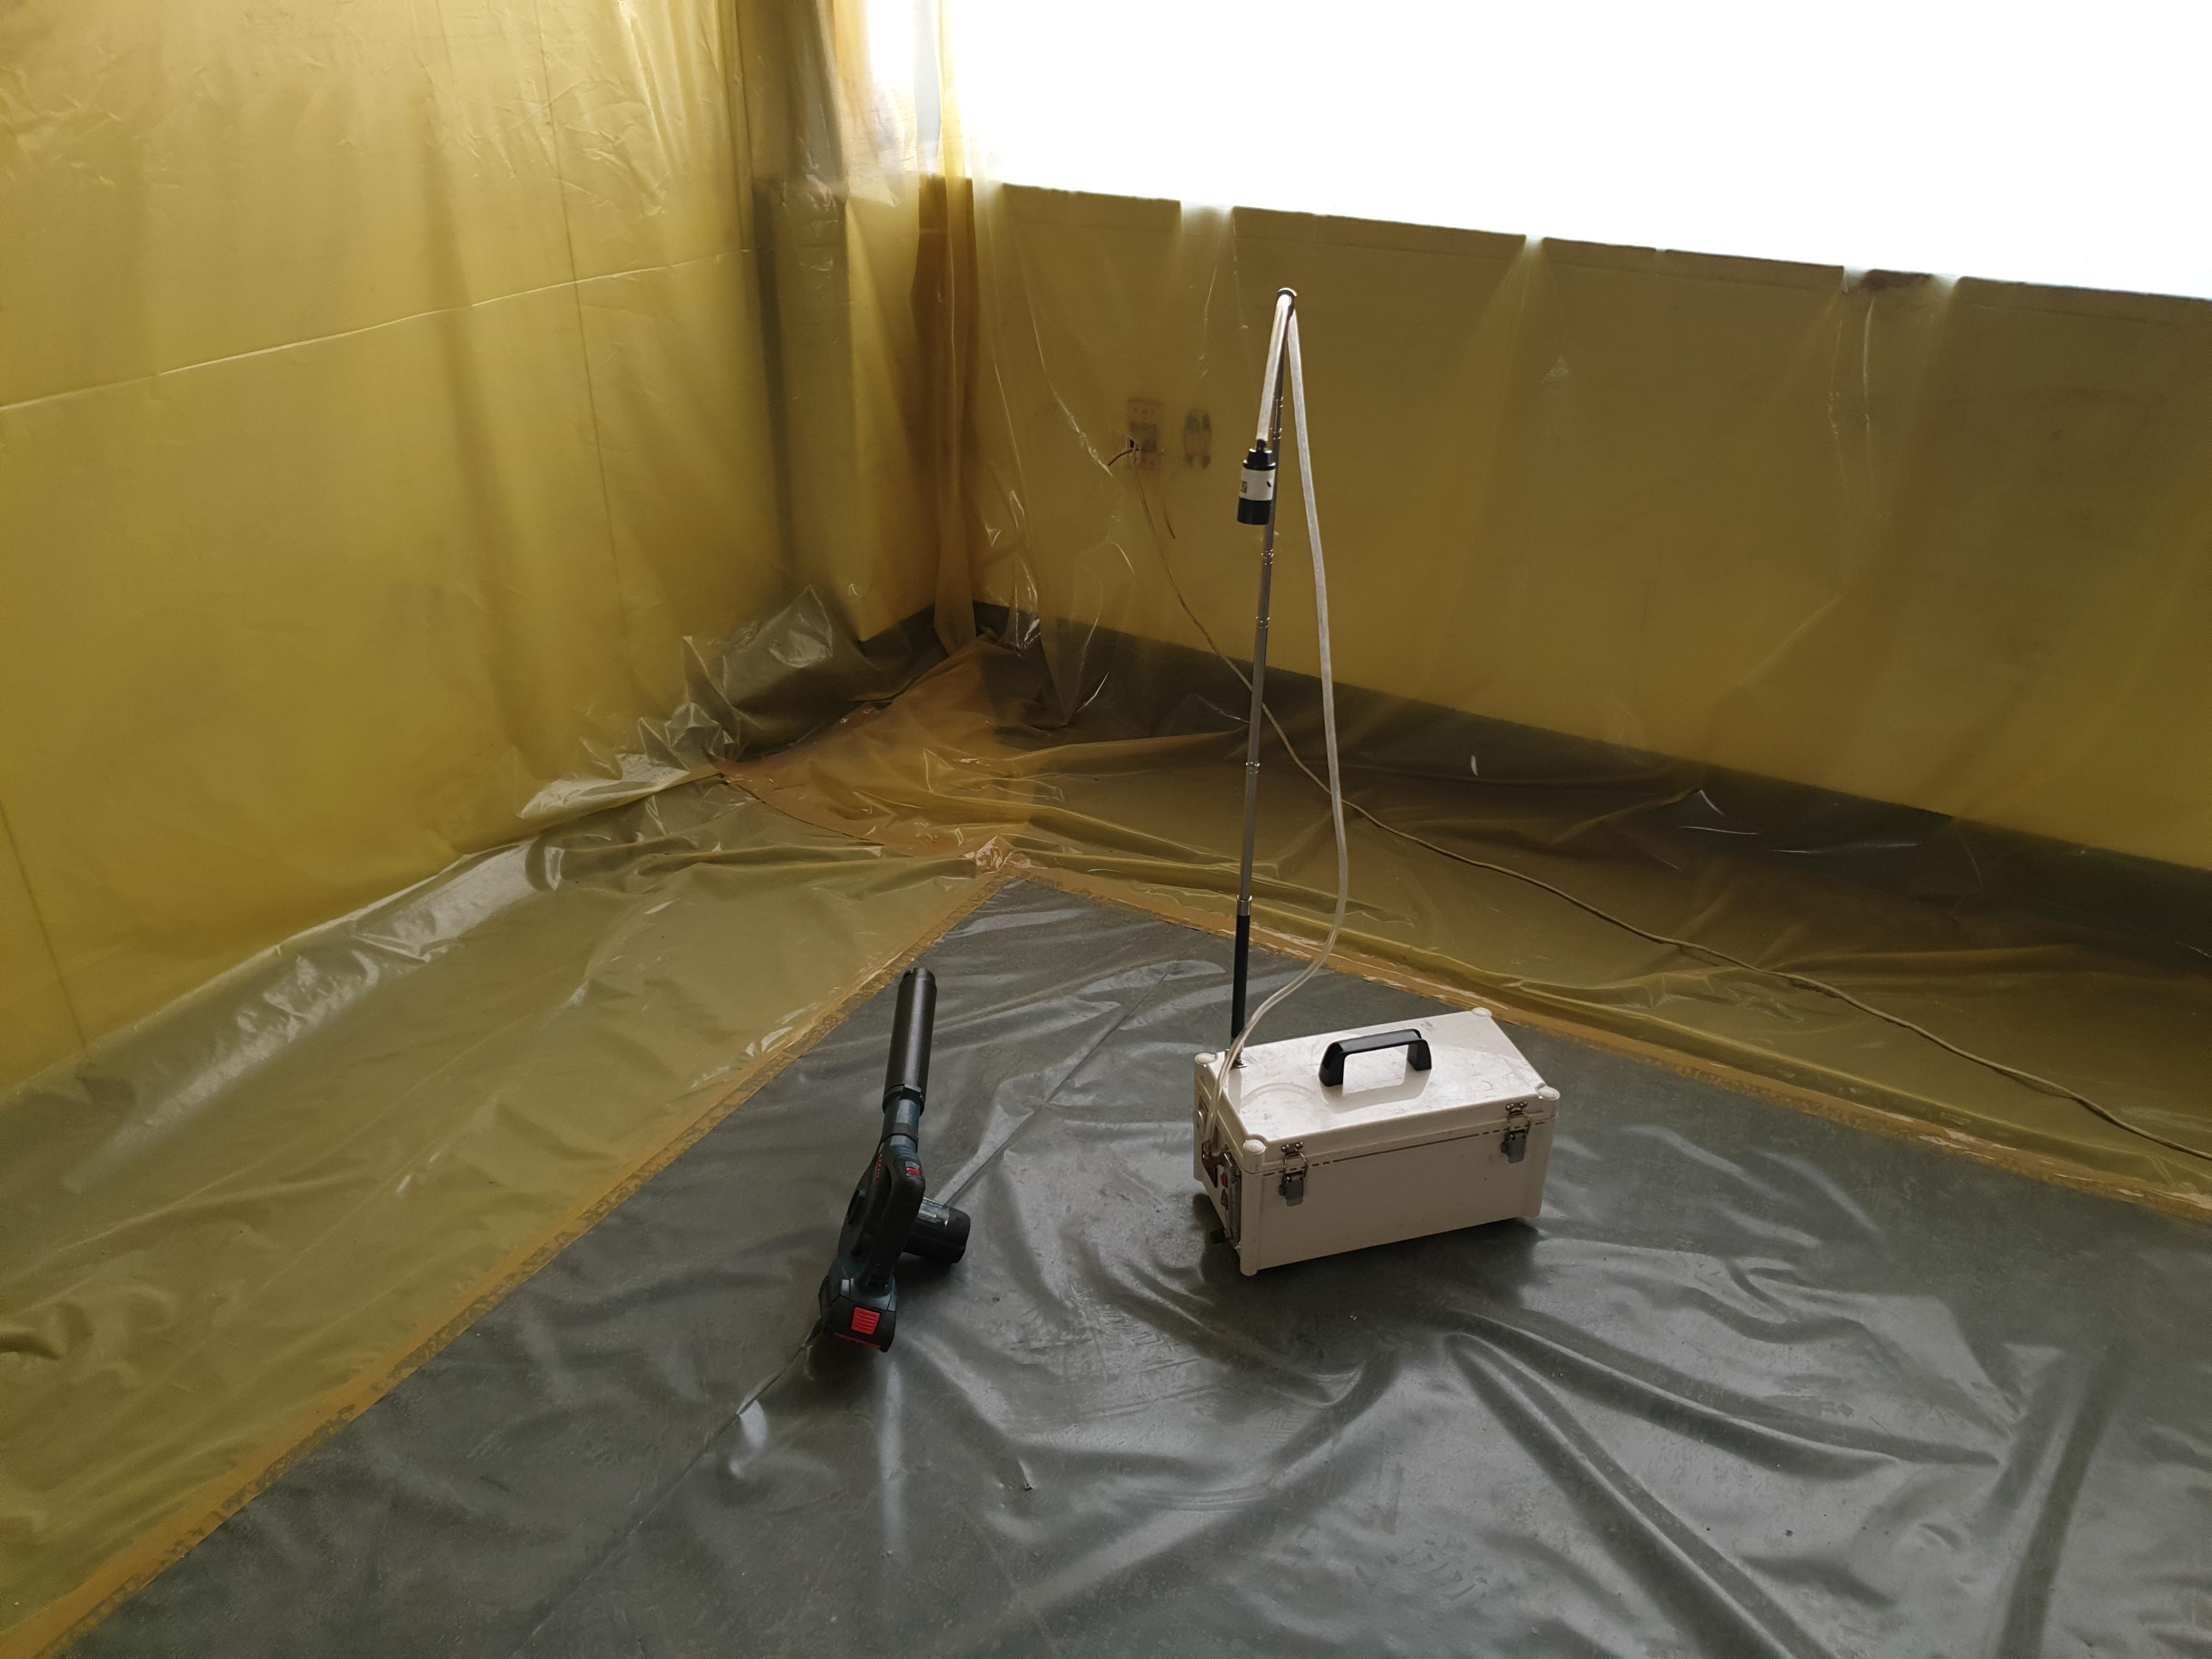 4 번째 사진 제2종 근린생활시설 에  연면적394.34 ㎡ 공기중 석면농도측정 창원시 의창구